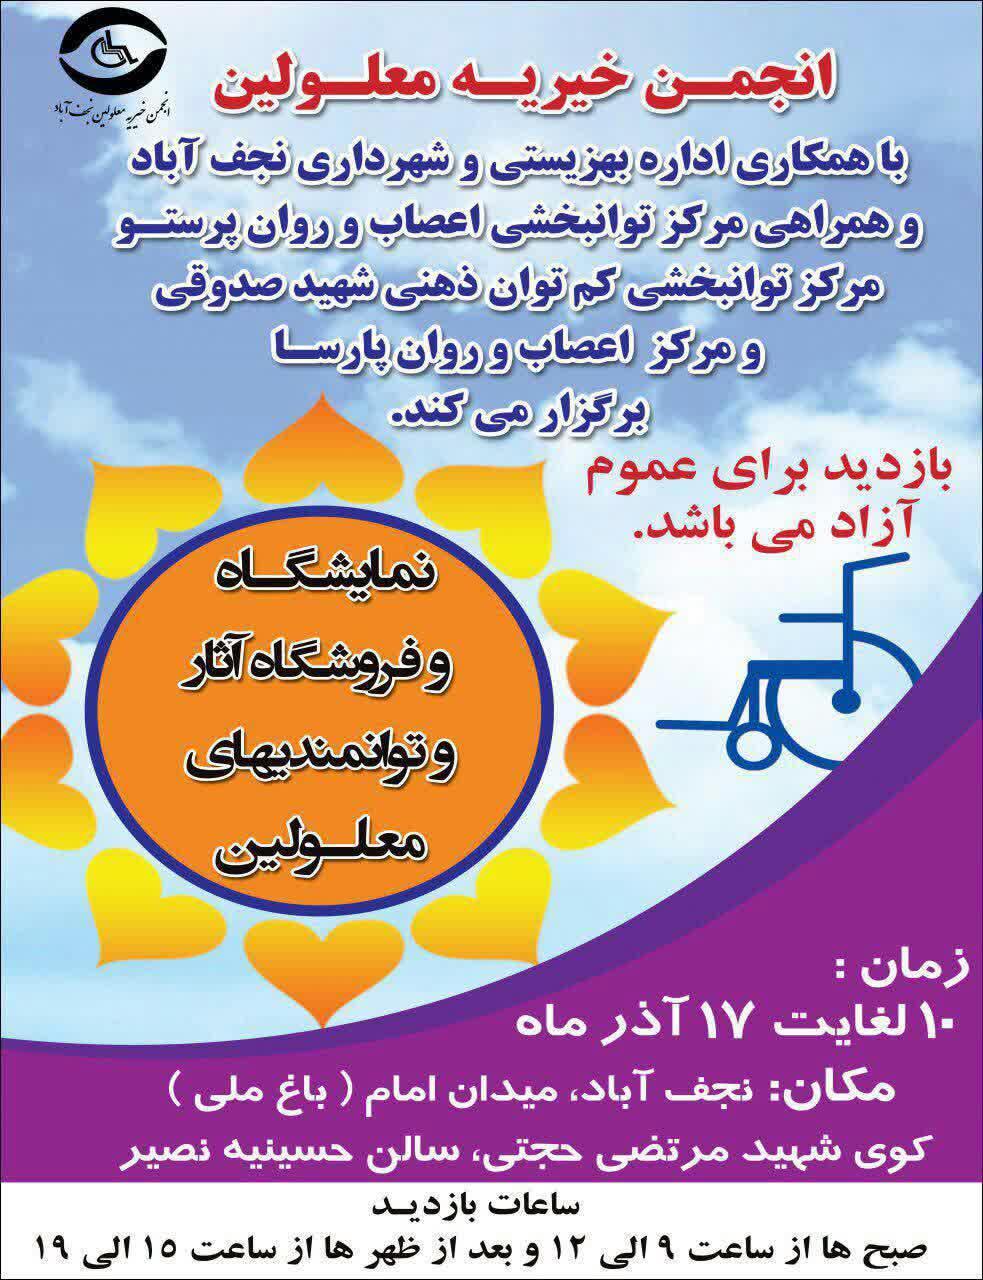 نمایشگاه توانمندی های معلولان نجف آباد+فیلم